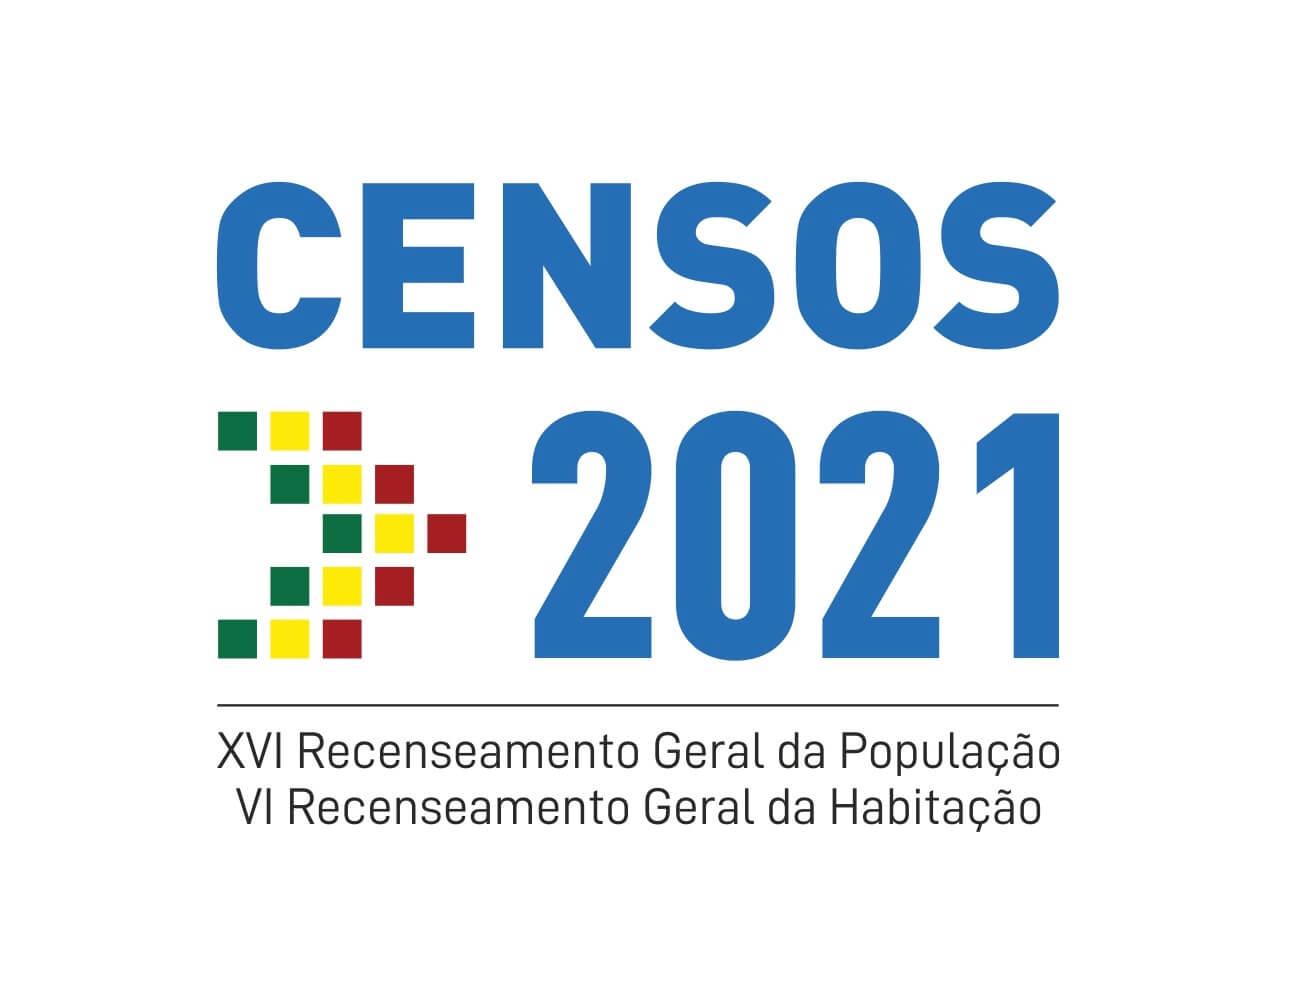 Censos 2021: tudo o que precisa de saber